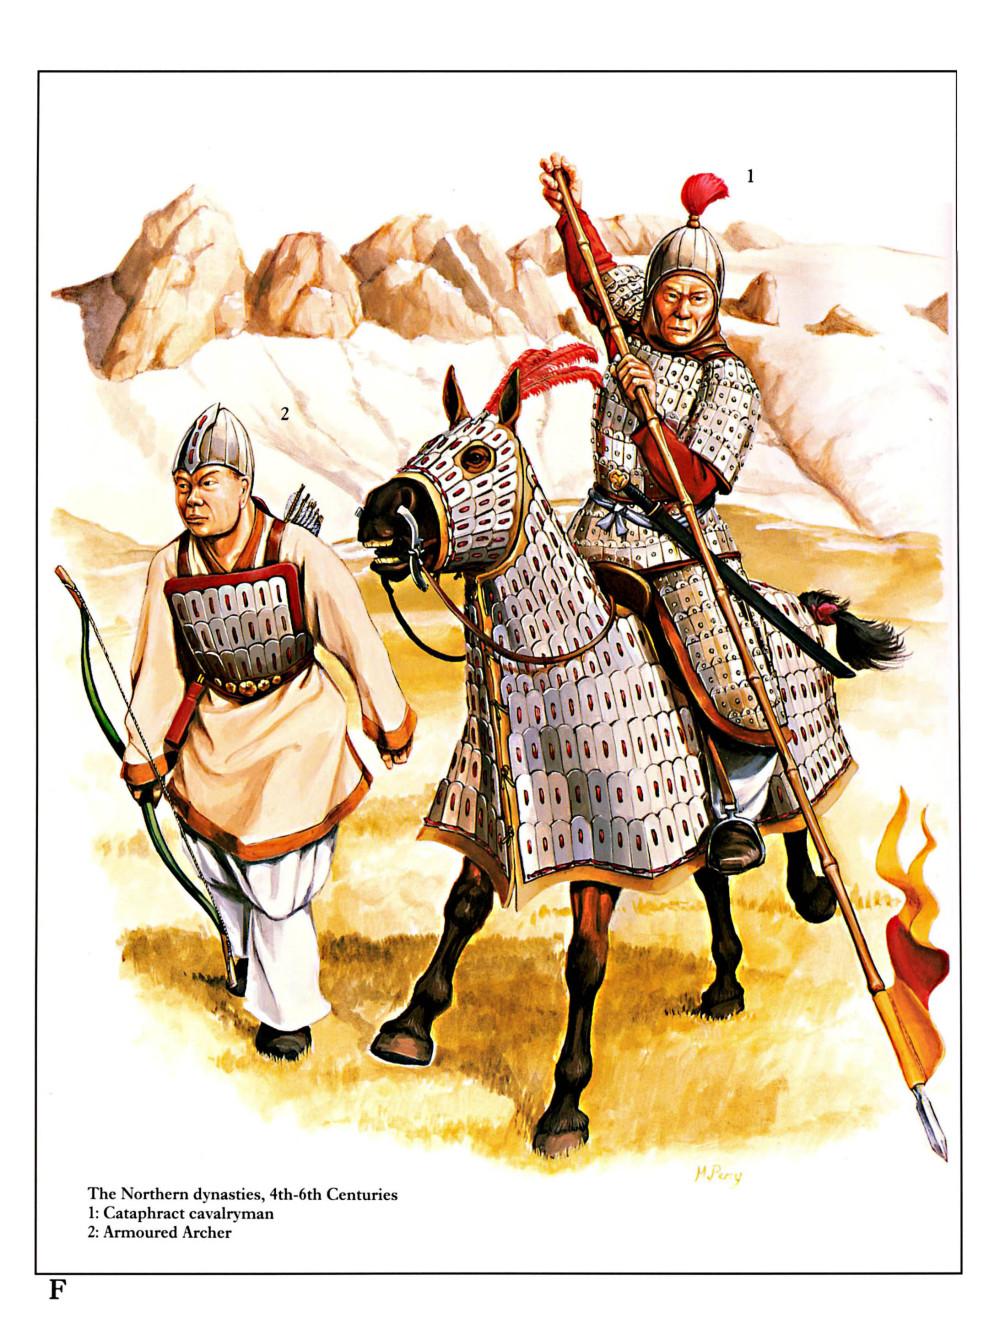 北朝甲胄骑兵,他已经装备了马鞍和马镫